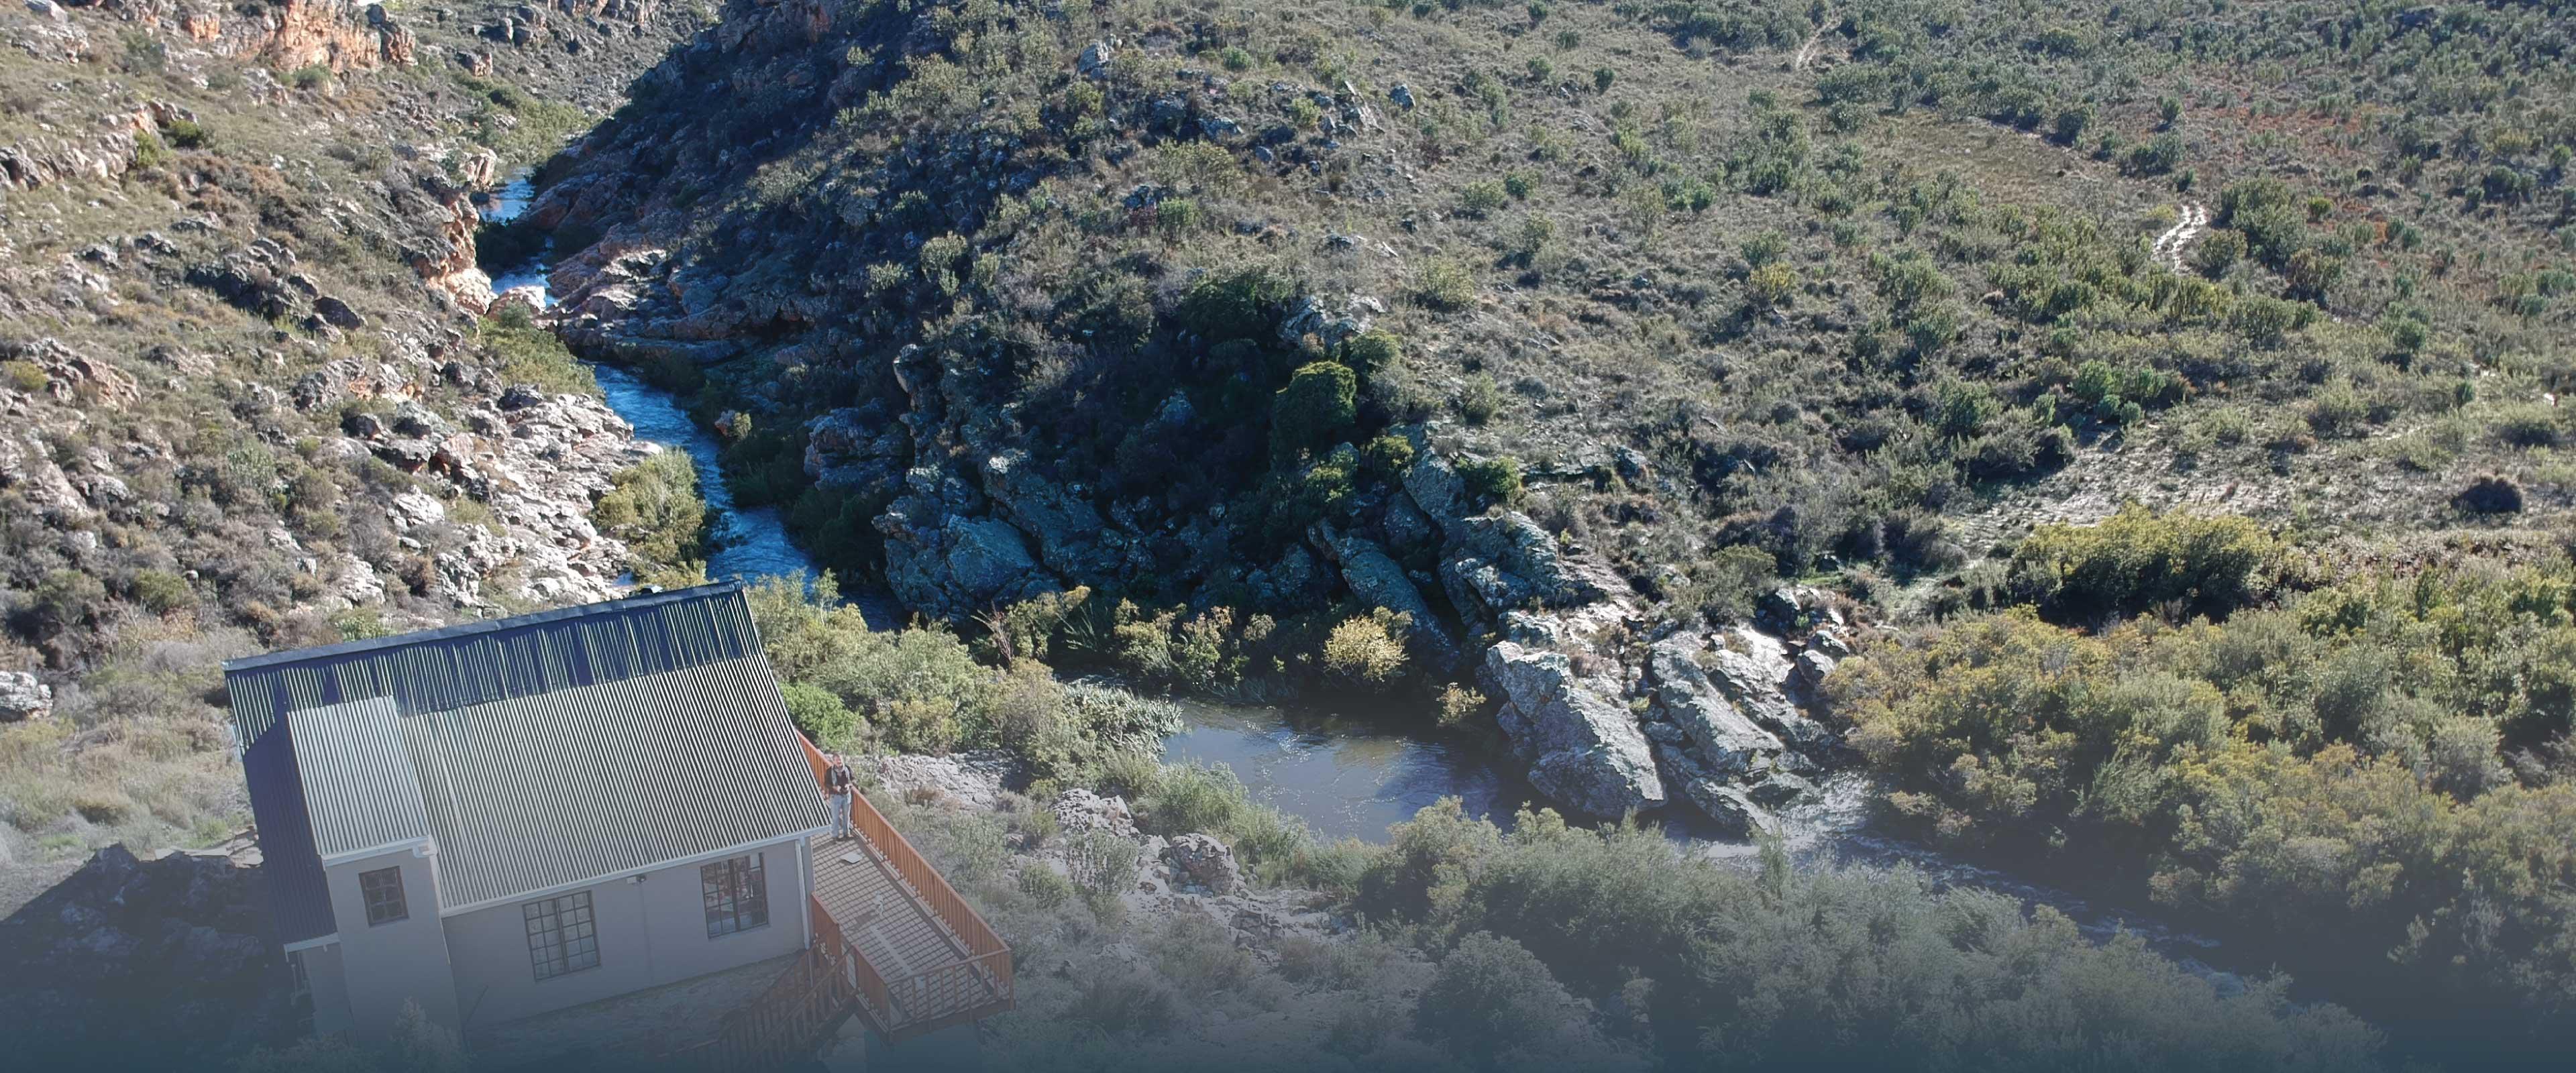 Rivercottage Slide3b